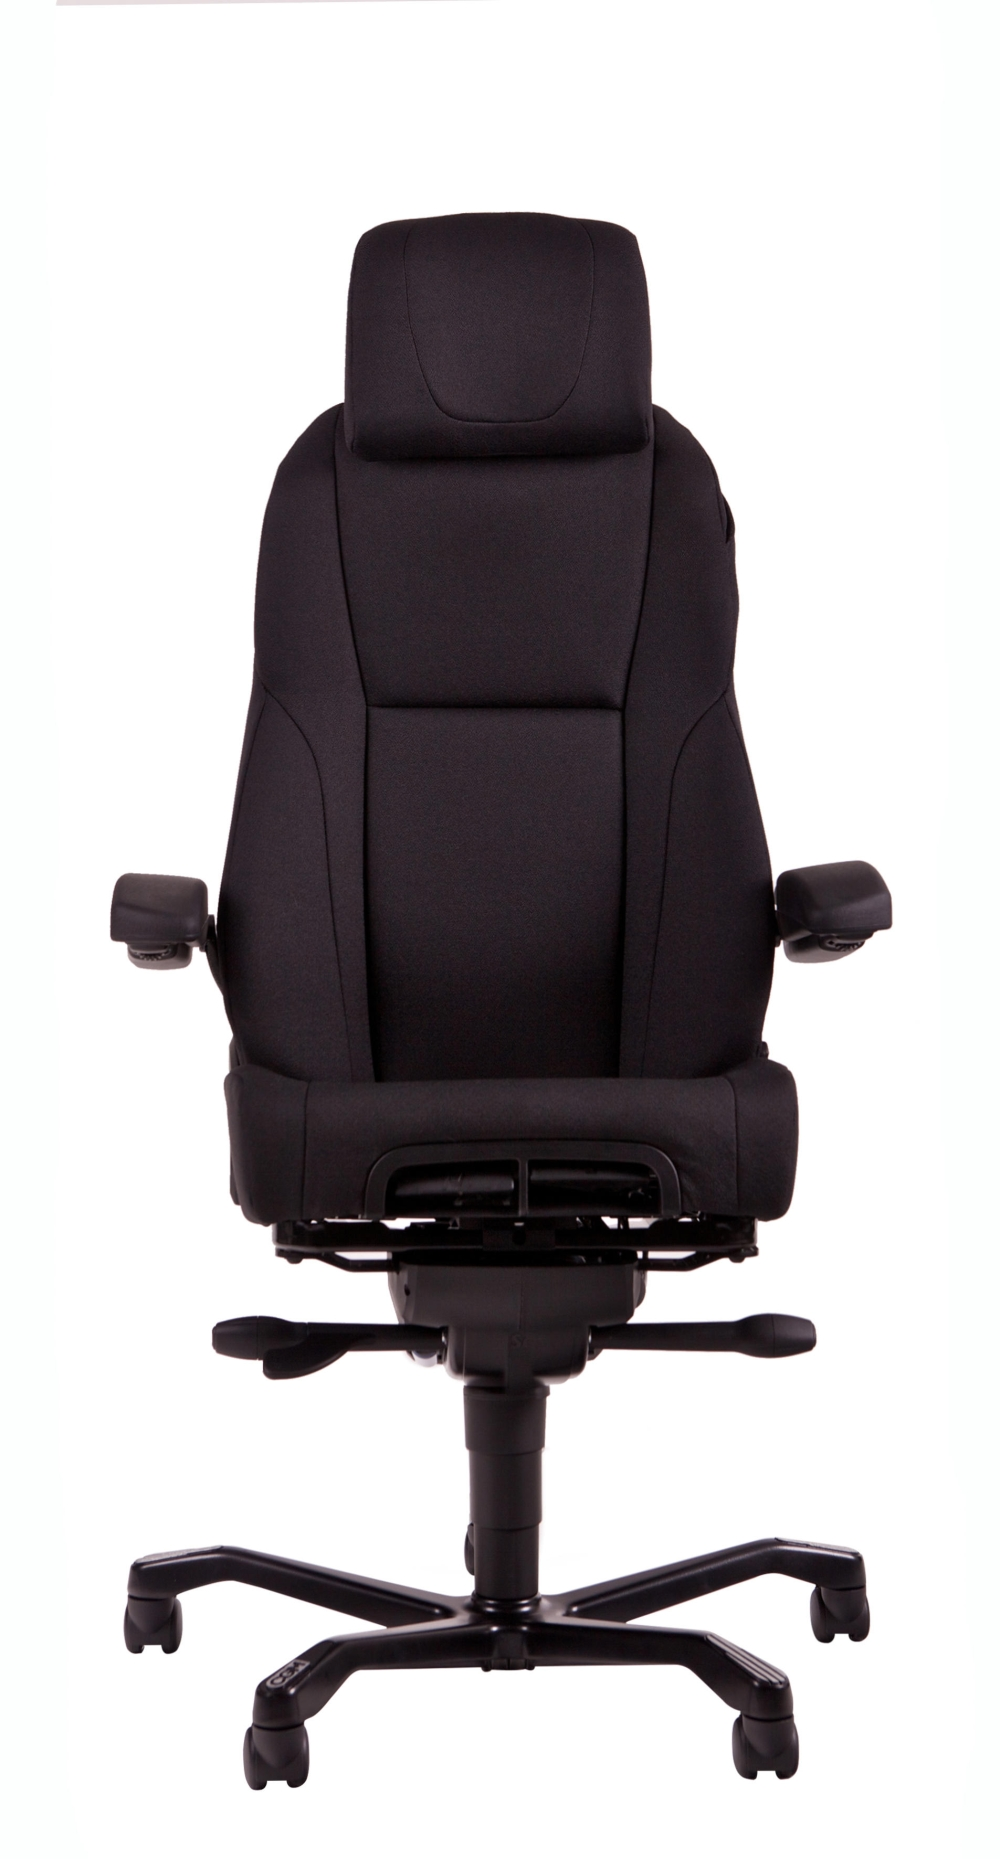 a381s si ge de bureau 24 heures a381 tissu noir burodepo meubles et mobilier de bureau neufs. Black Bedroom Furniture Sets. Home Design Ideas